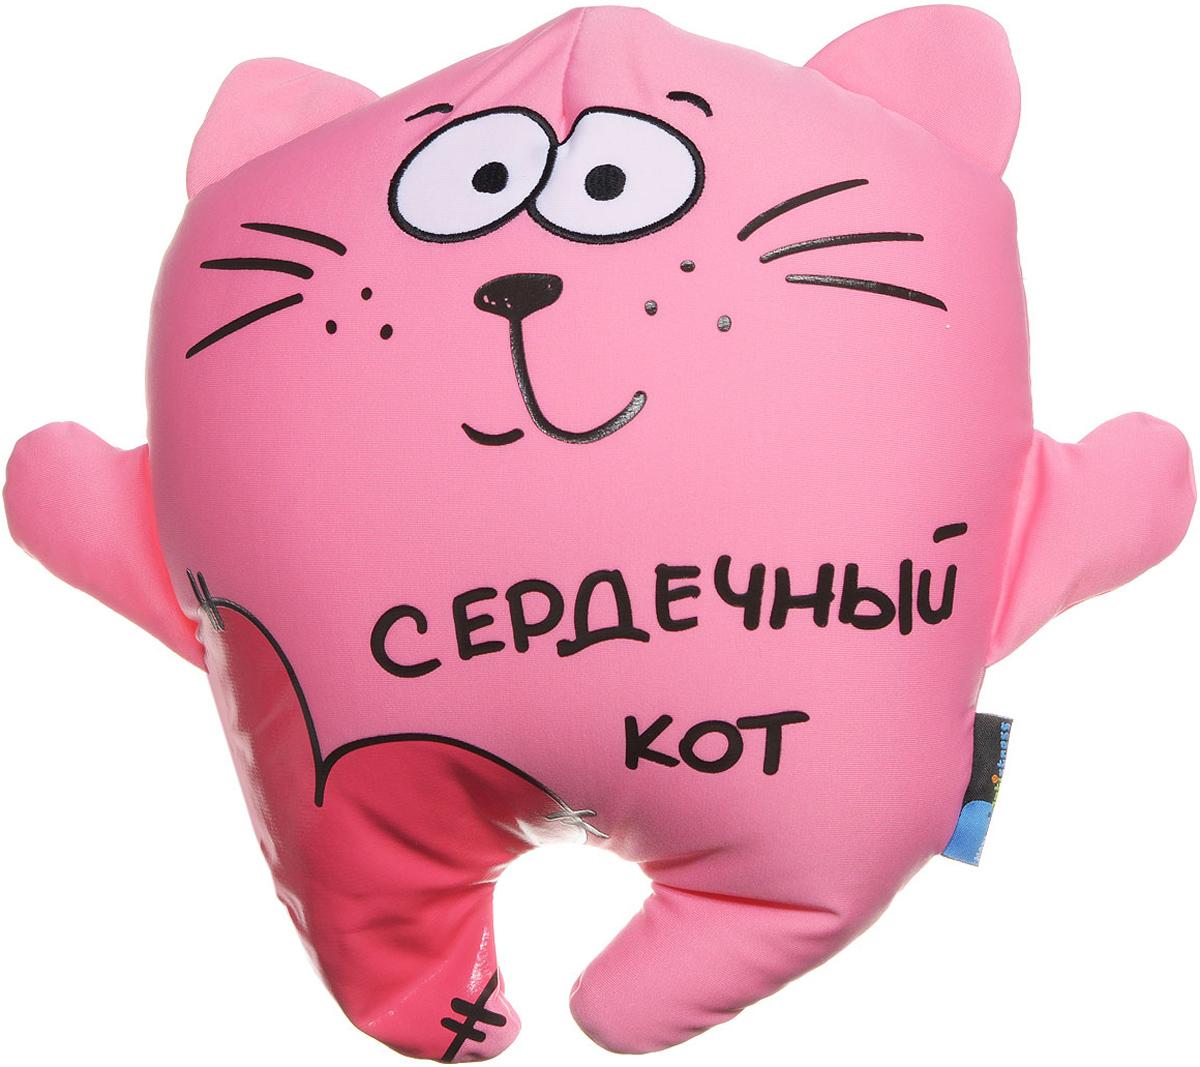 Maxi Toys Подушка-антистресс Сердечный кот сувенир сувенирыч подушка игрушка антистресс кот ученый